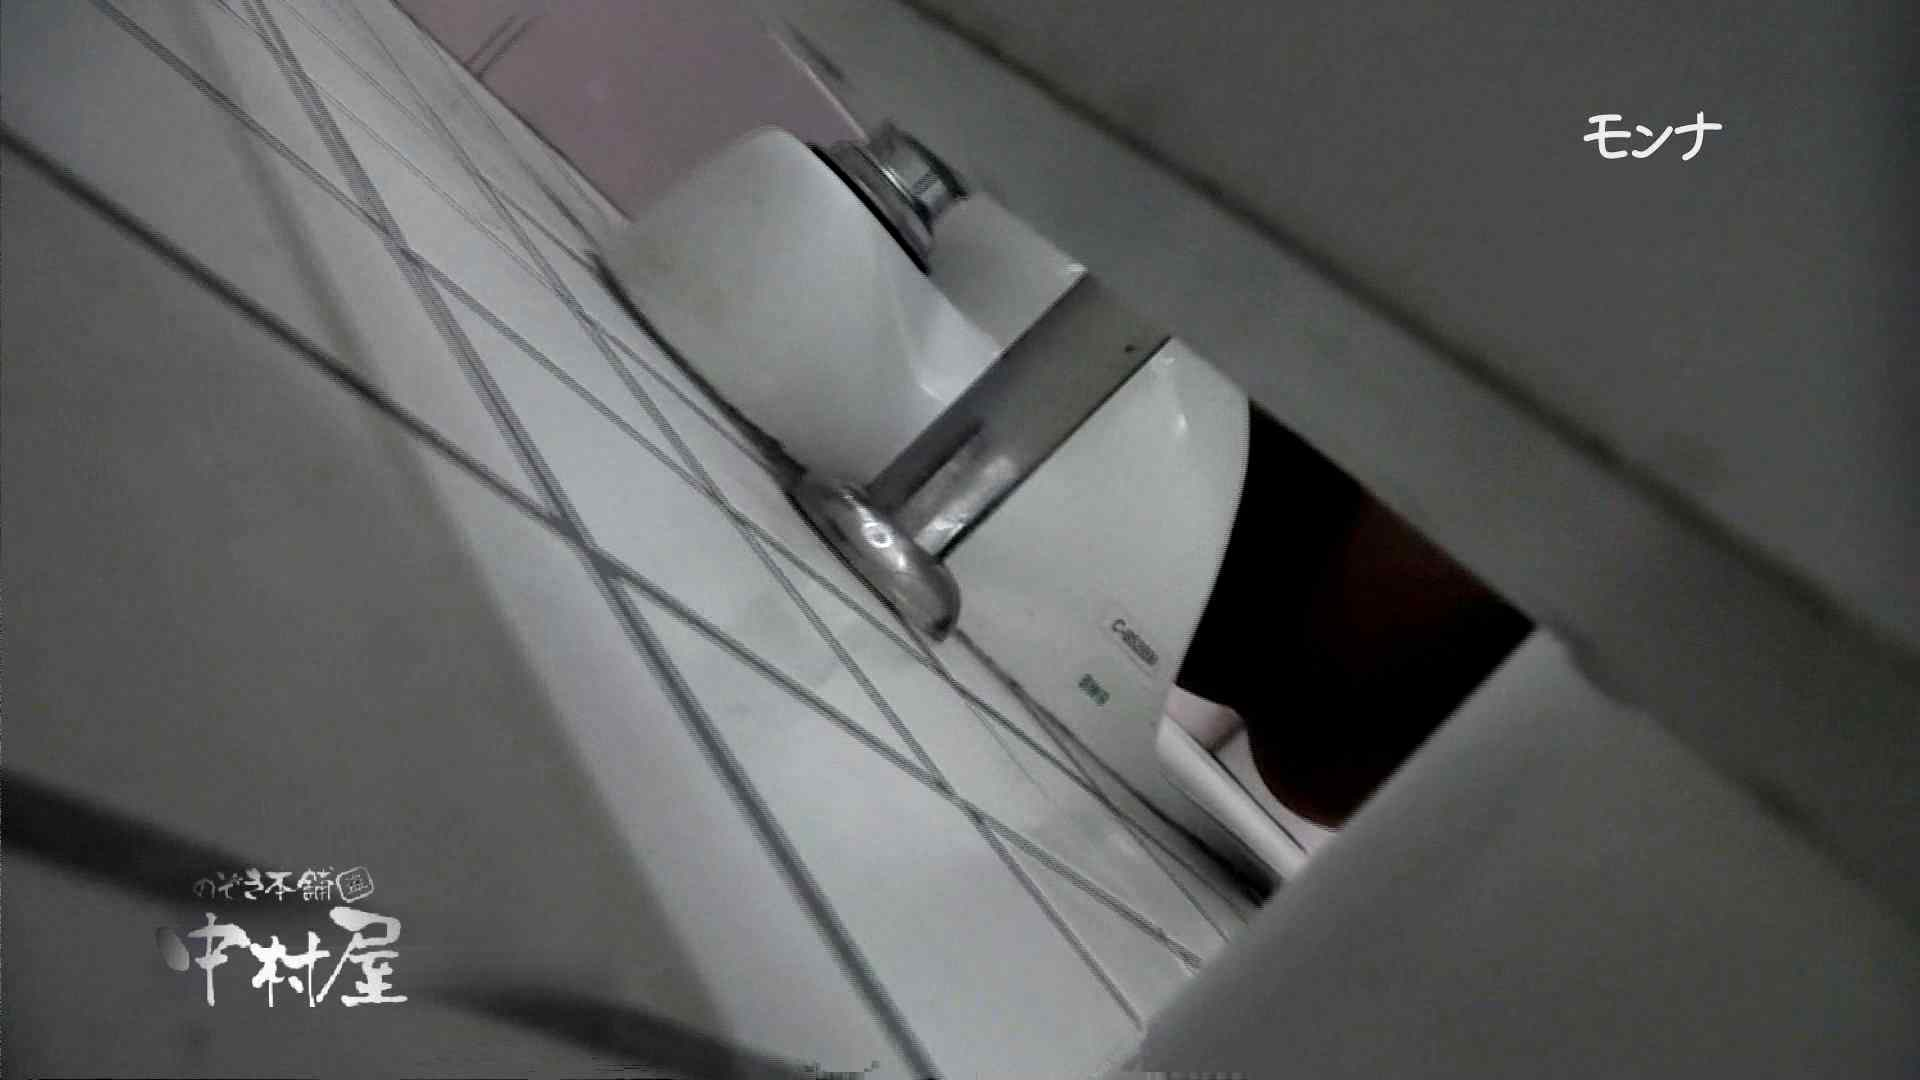 【美しい日本の未来】新学期!!下半身中心に攻めてます美女可愛い女子悪戯盗satuトイレ後編 悪戯 | 下半身  97pic 4